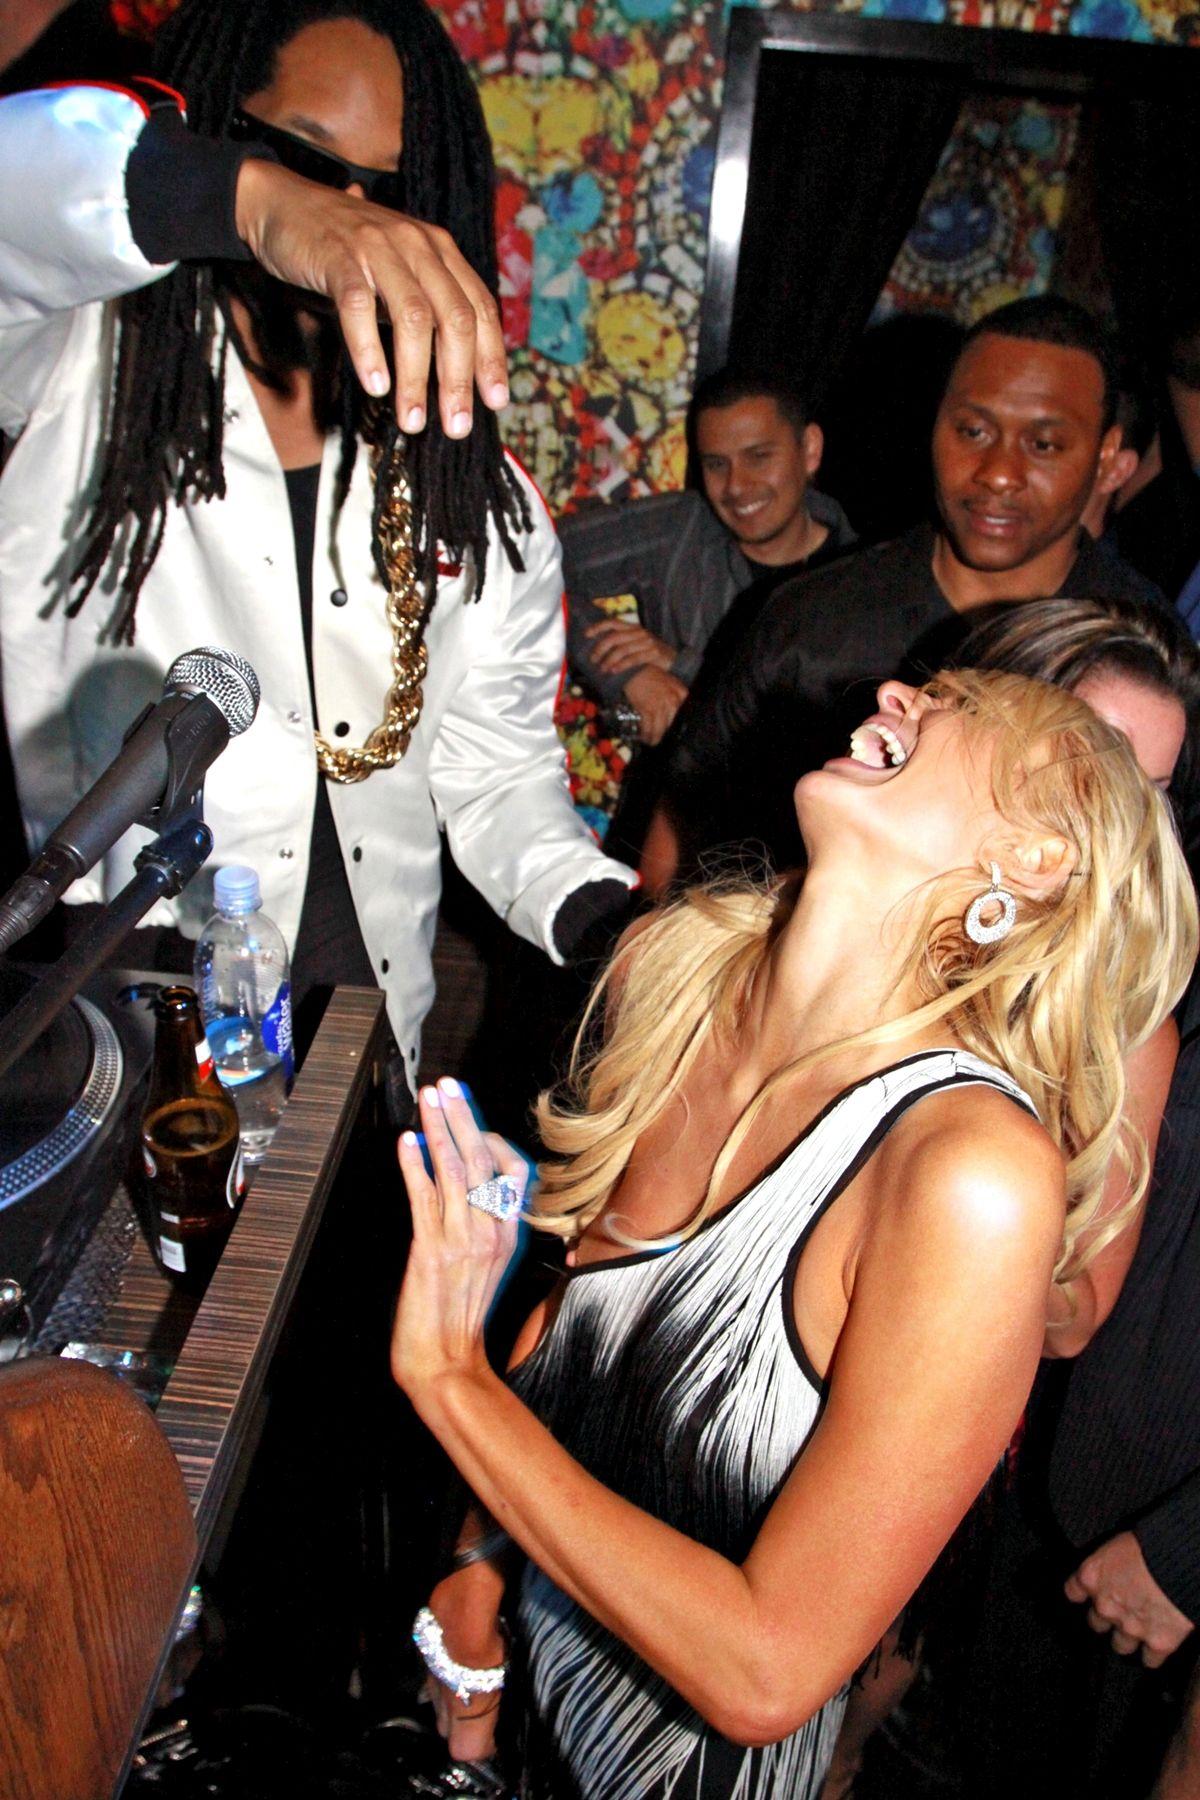 Paris Hilton naked boobs